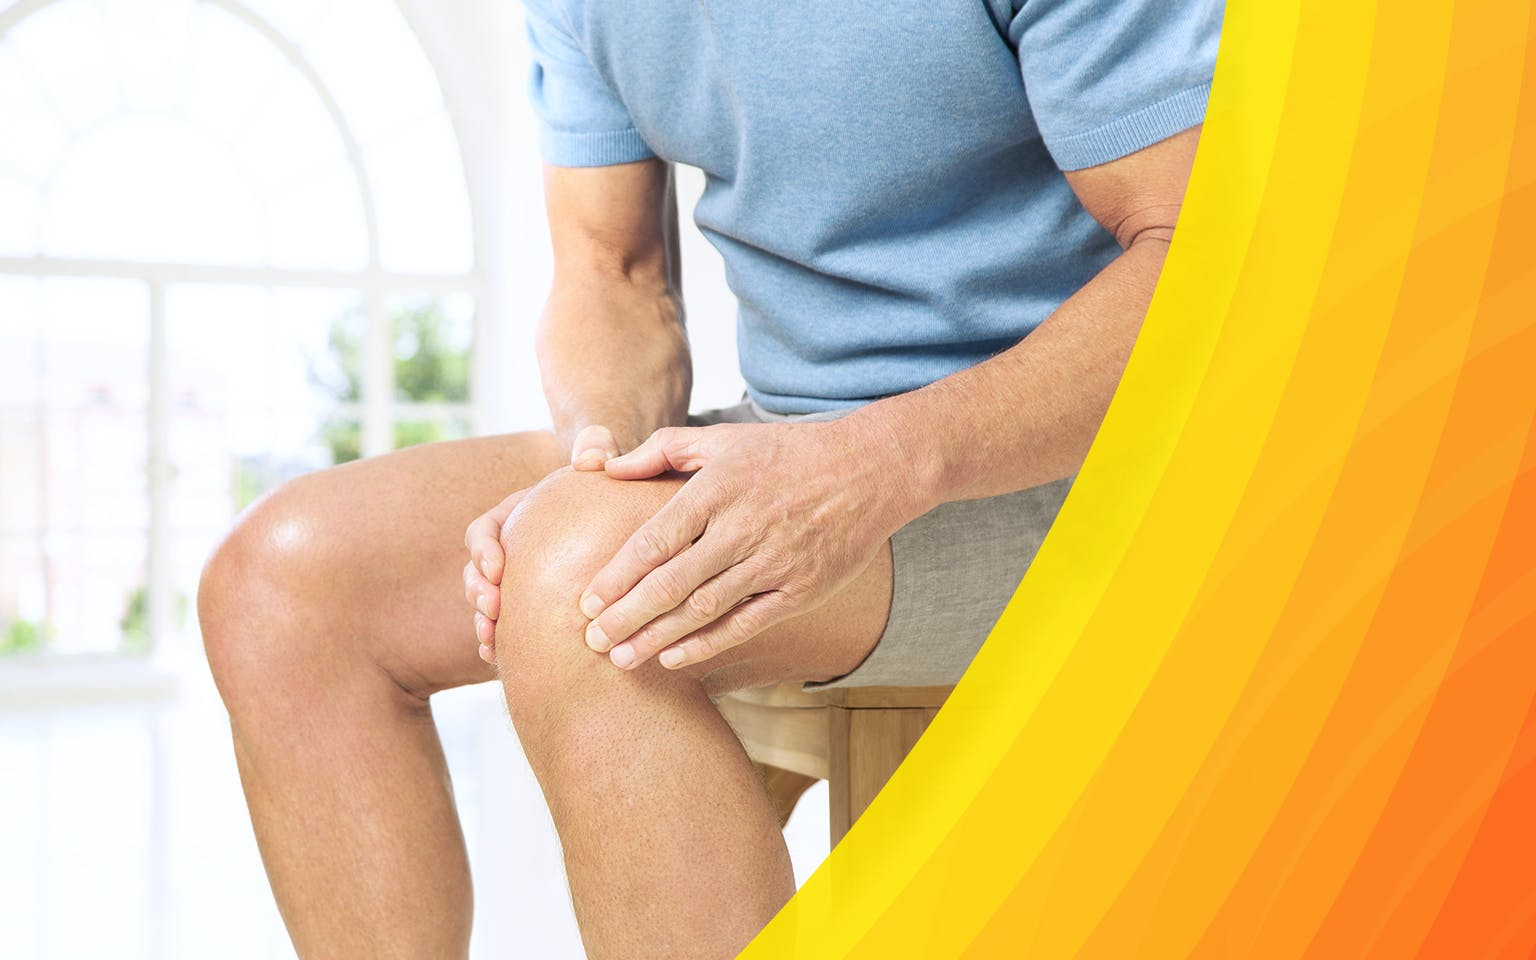 padeda nuo sąnarių skausmas periodiškai skauda visus sąnarius